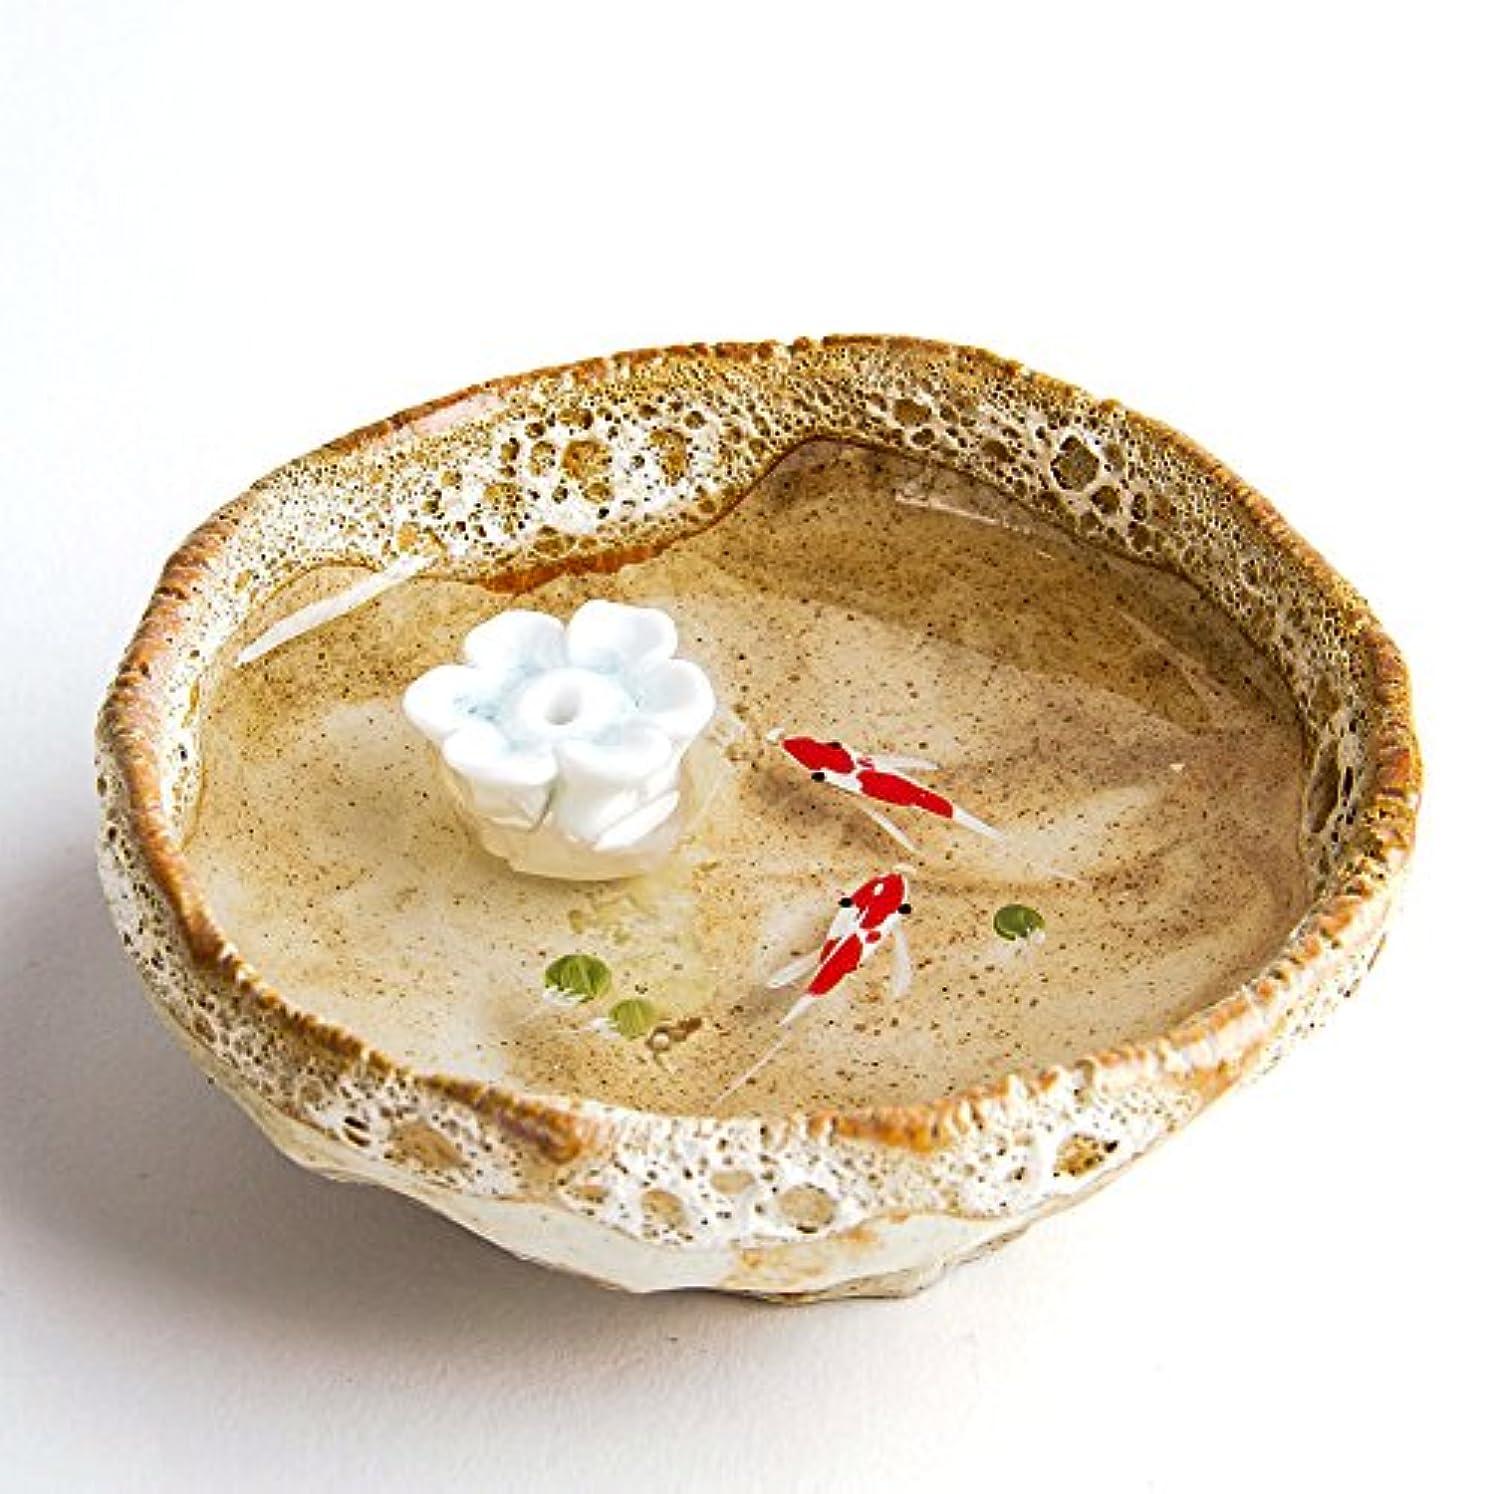 謙虚水差し焦がすお香立て お香たて 香の器 お香を焚いて 香皿,陶磁器、黄色